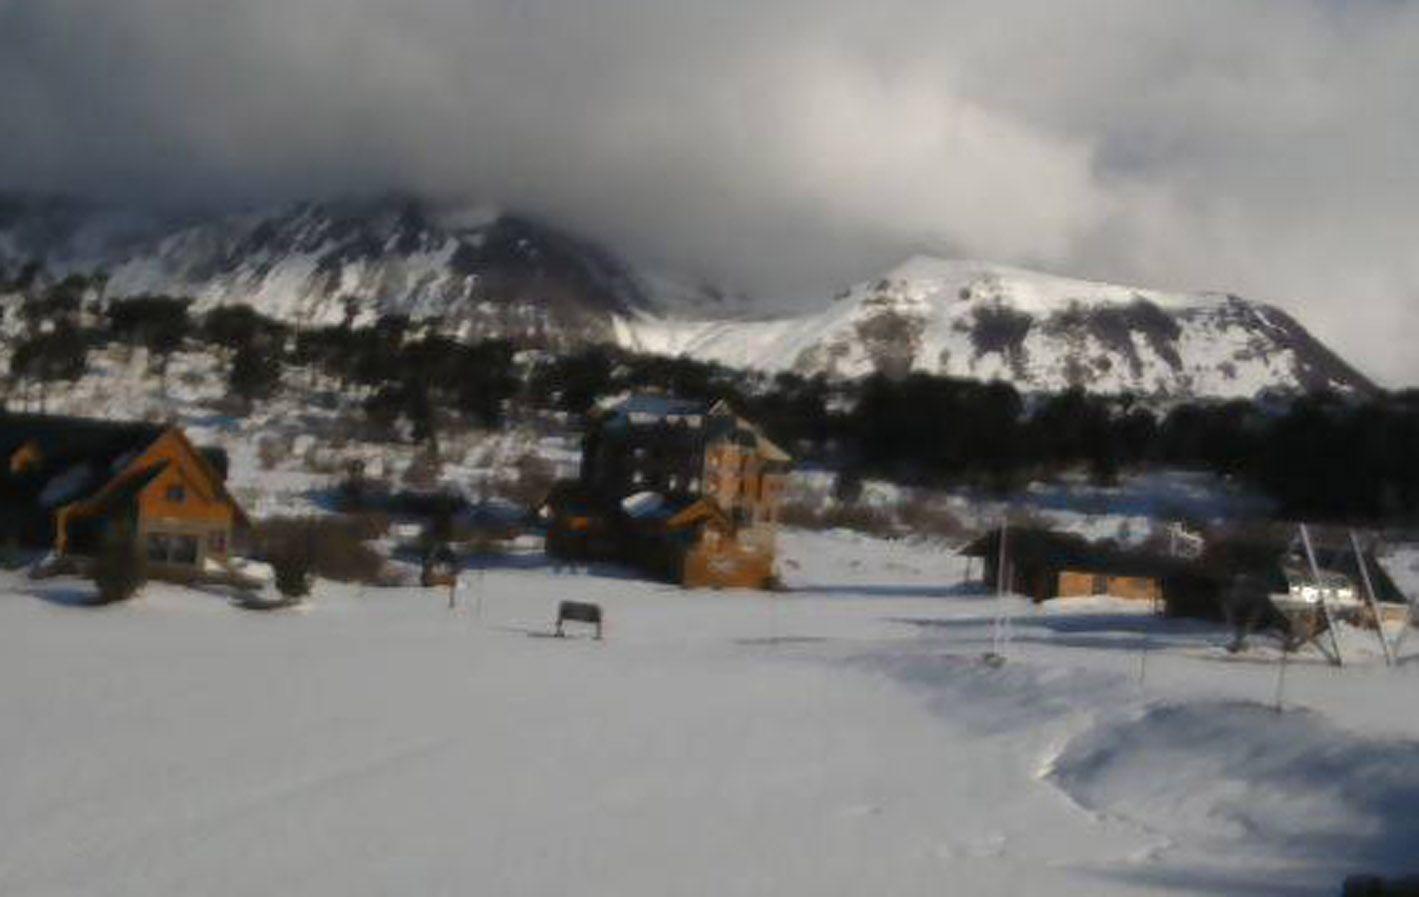 Caviahue. Temen por el inicio de la temporarada ya que partes de las pistas de nieve están sobre laderas del volcán.